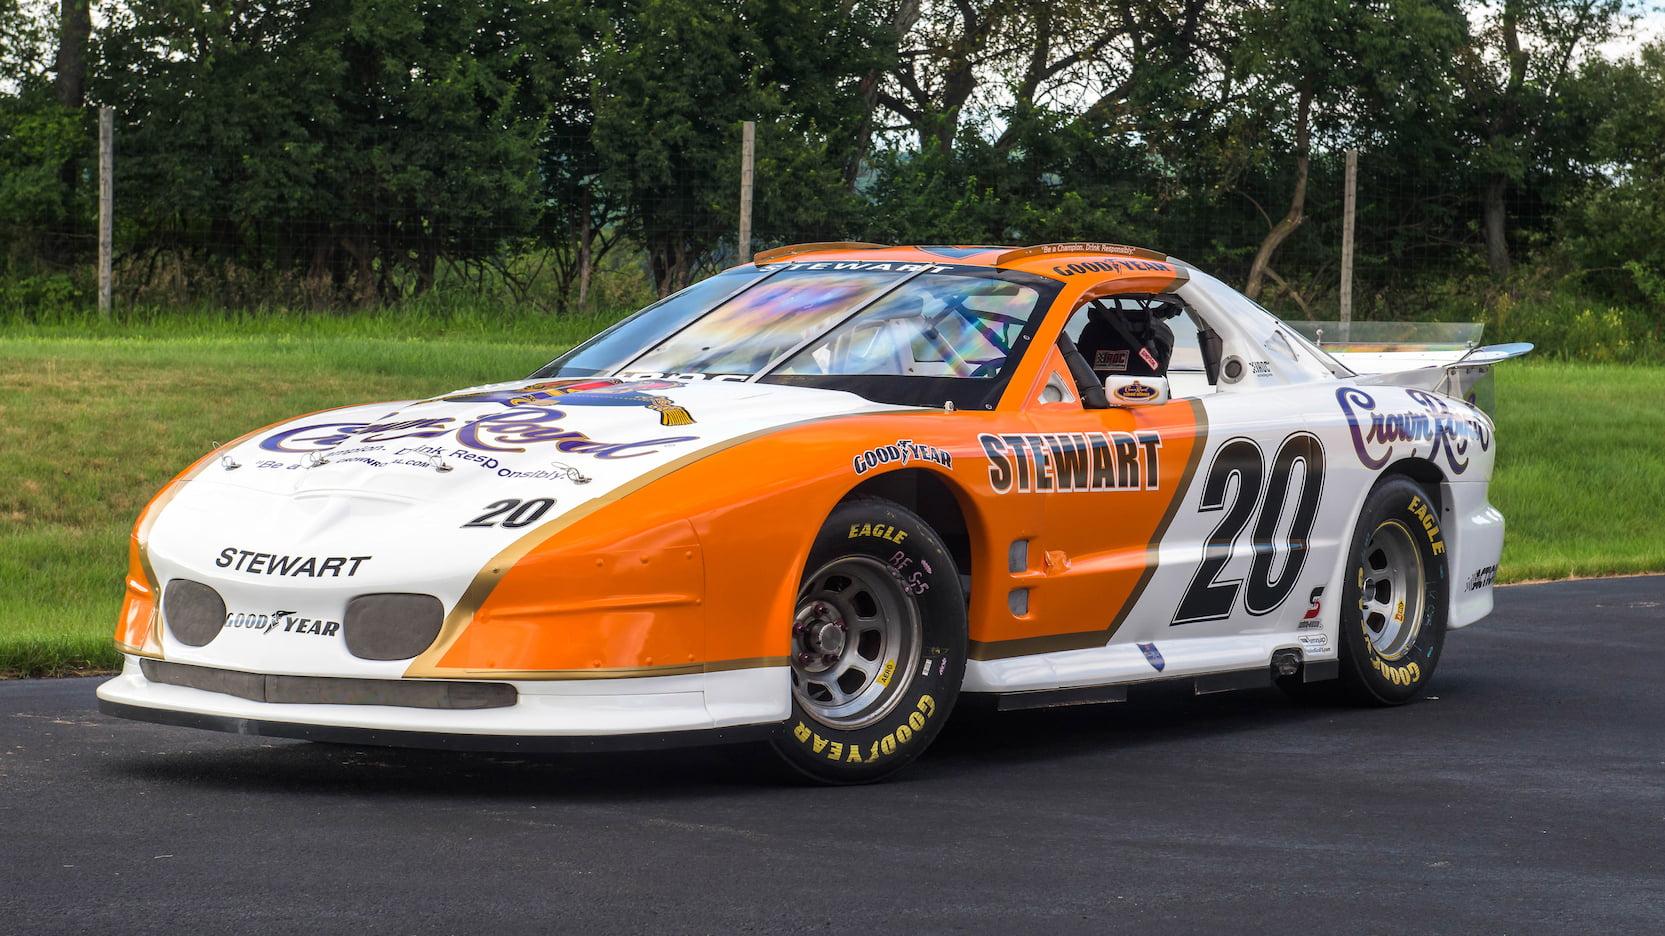 1996 Pontiac Firebird Trans AM IROC race car